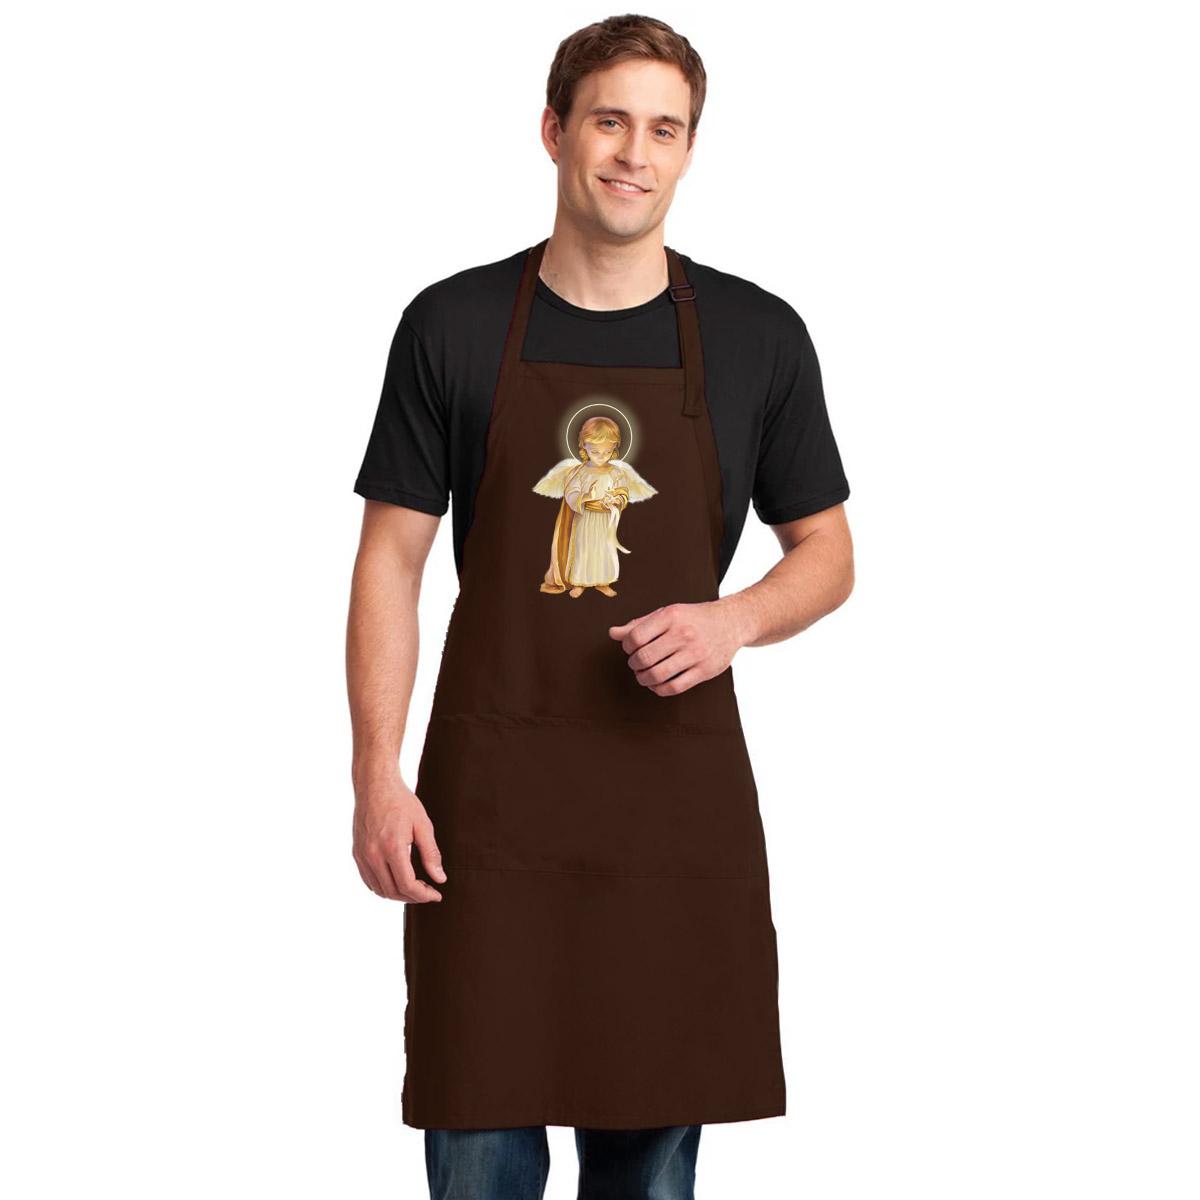 Tạp Dề Làm Bếp In Hình Thiên Thần Đáng Yêu - Mẫu010